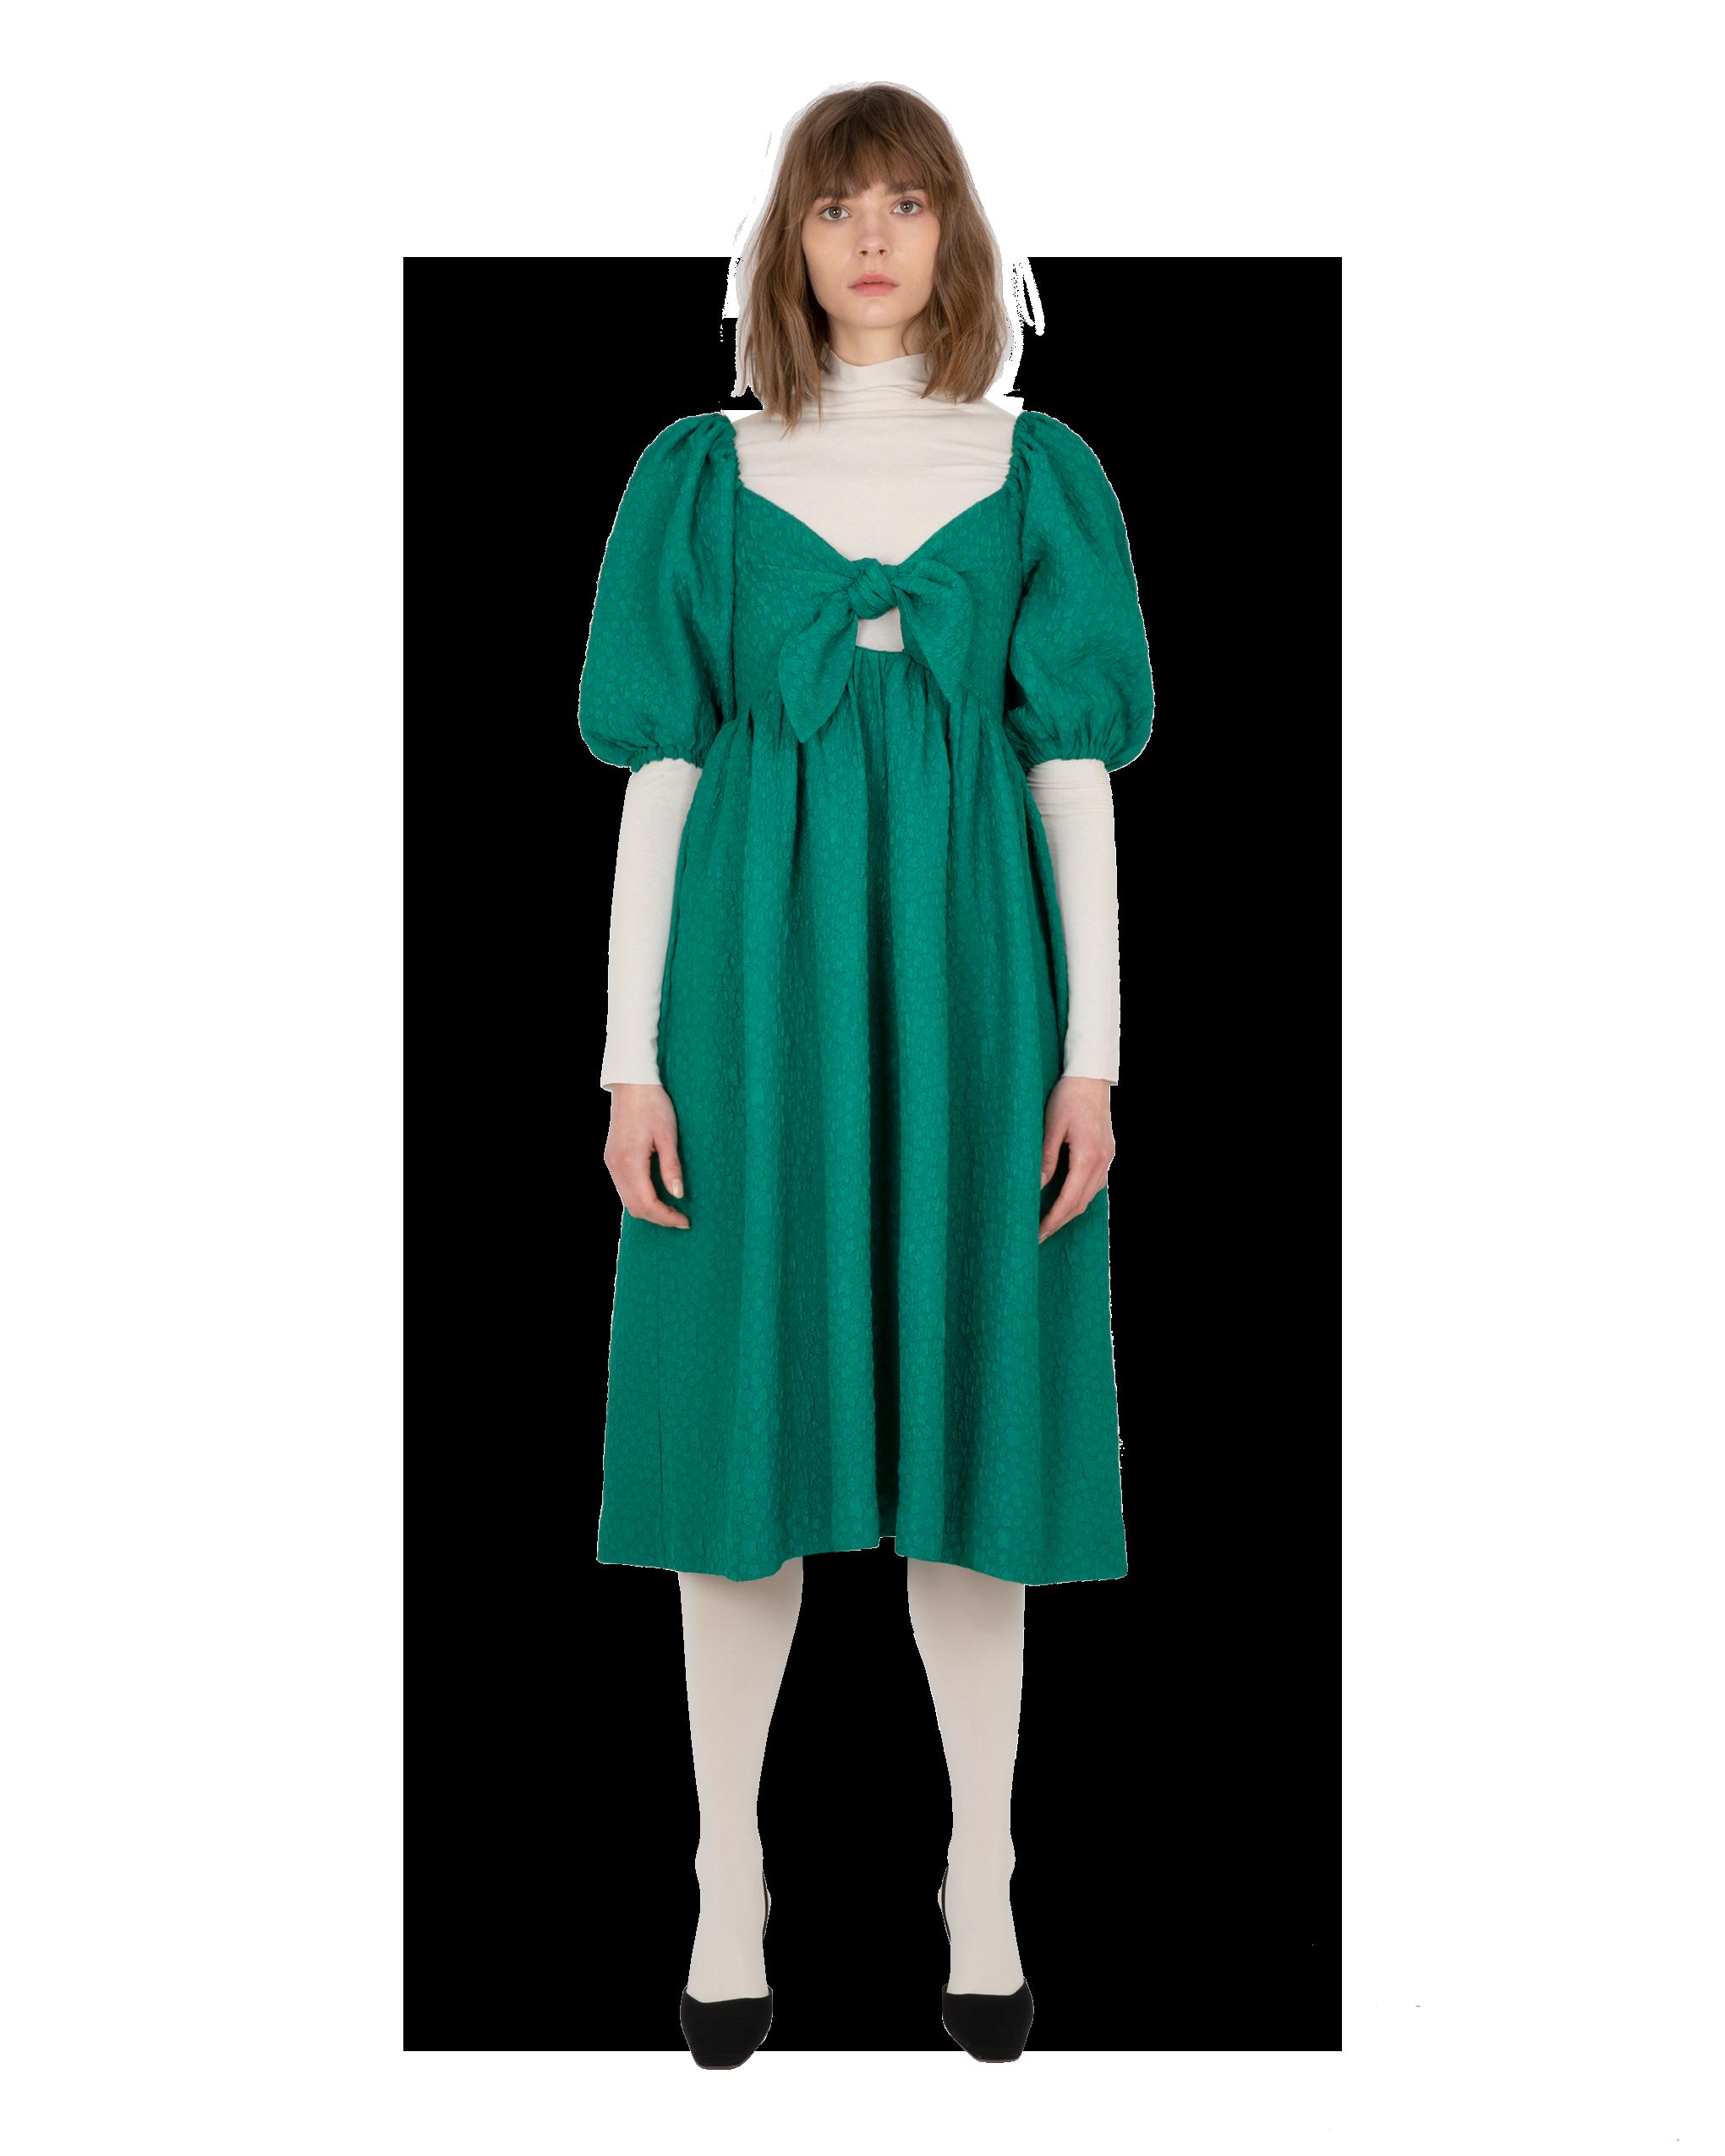 Model wearing EMIN + PAUL green puff sleeve dress.